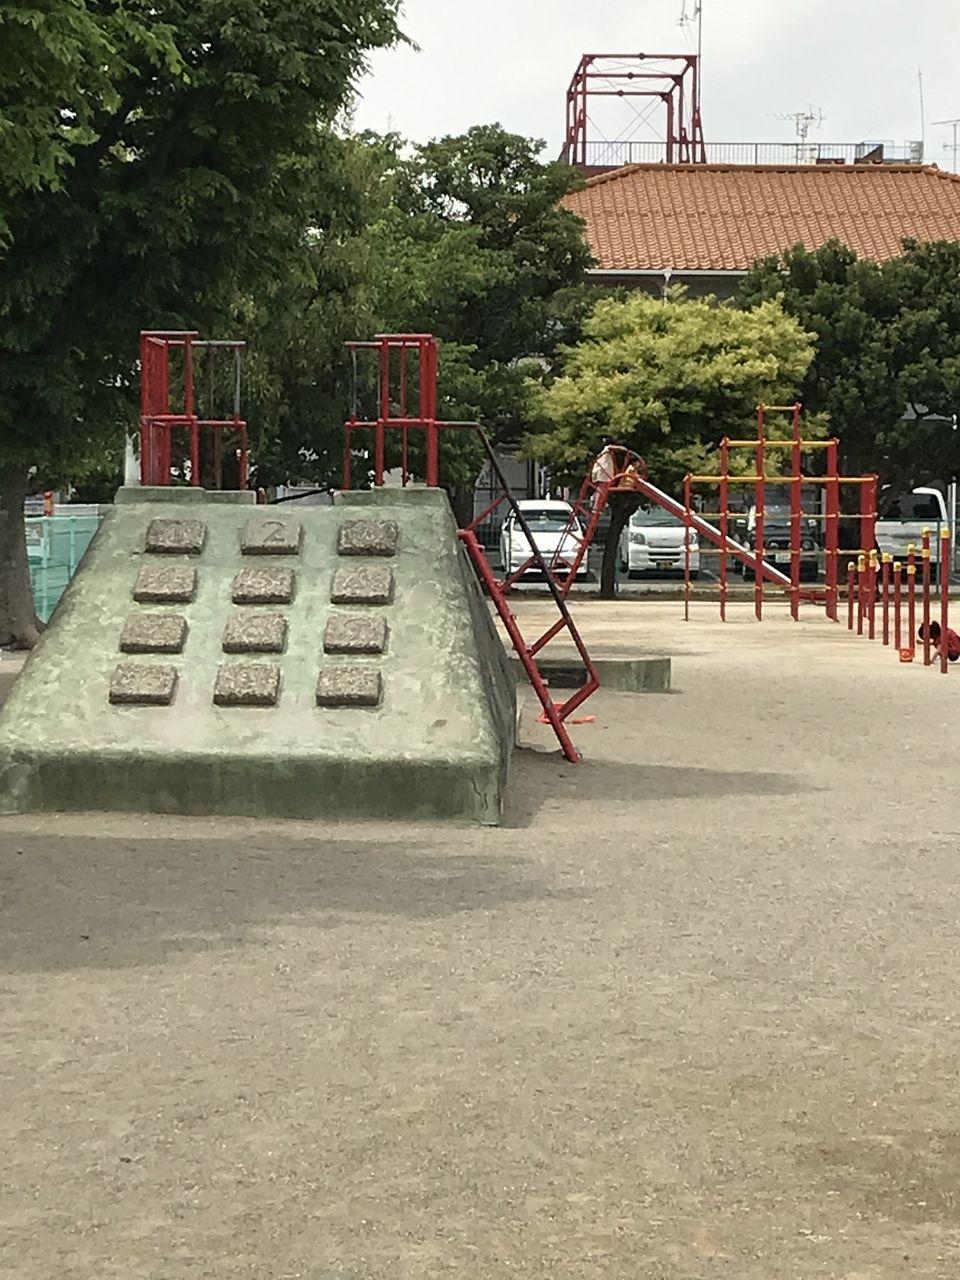 行徳の南沖児童公園の電話